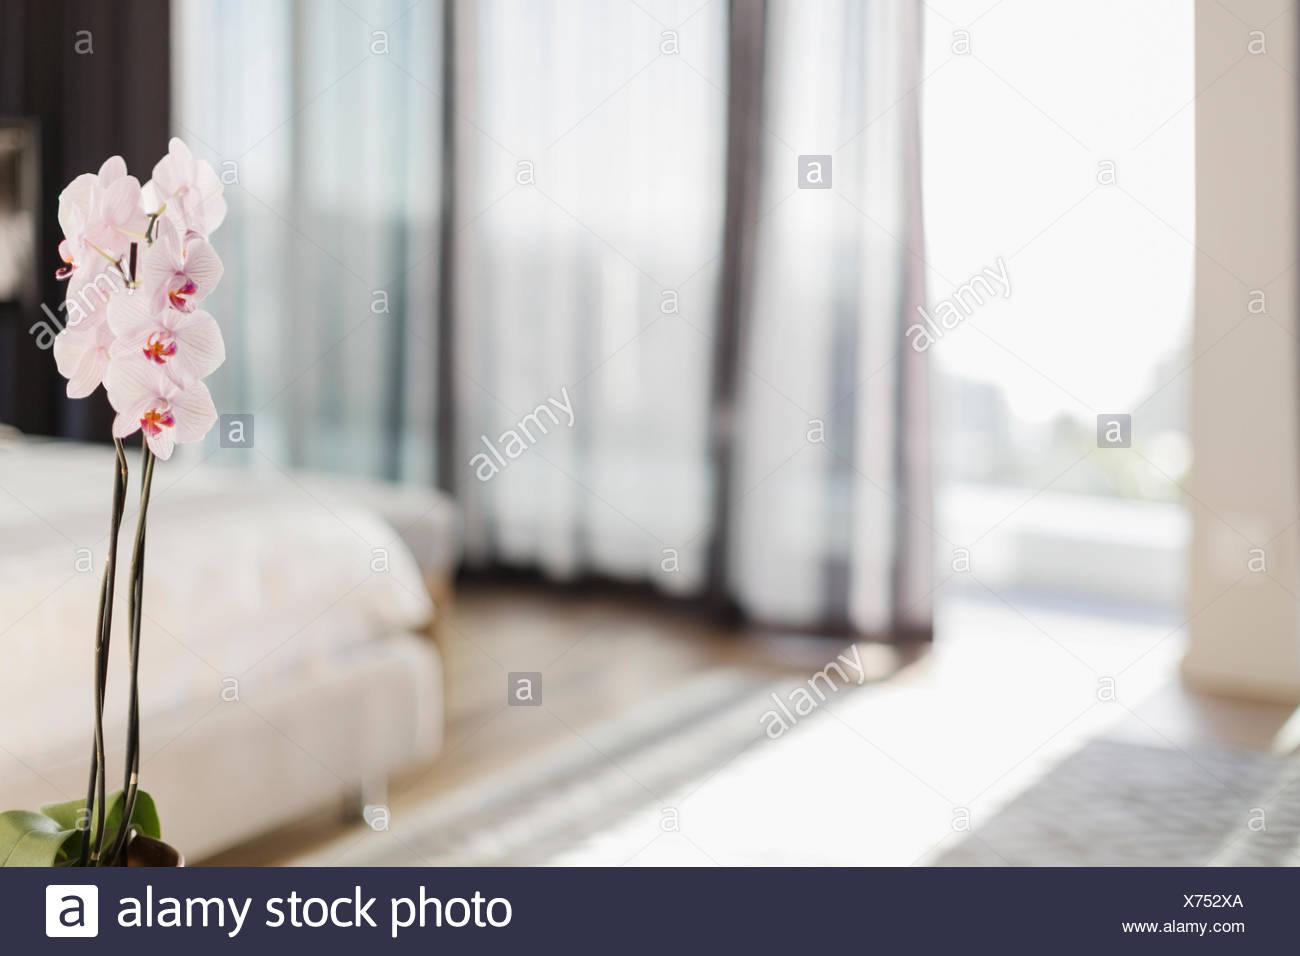 Weiß-rosa Orchideen im Schlafzimmer Stockfoto, Bild ...